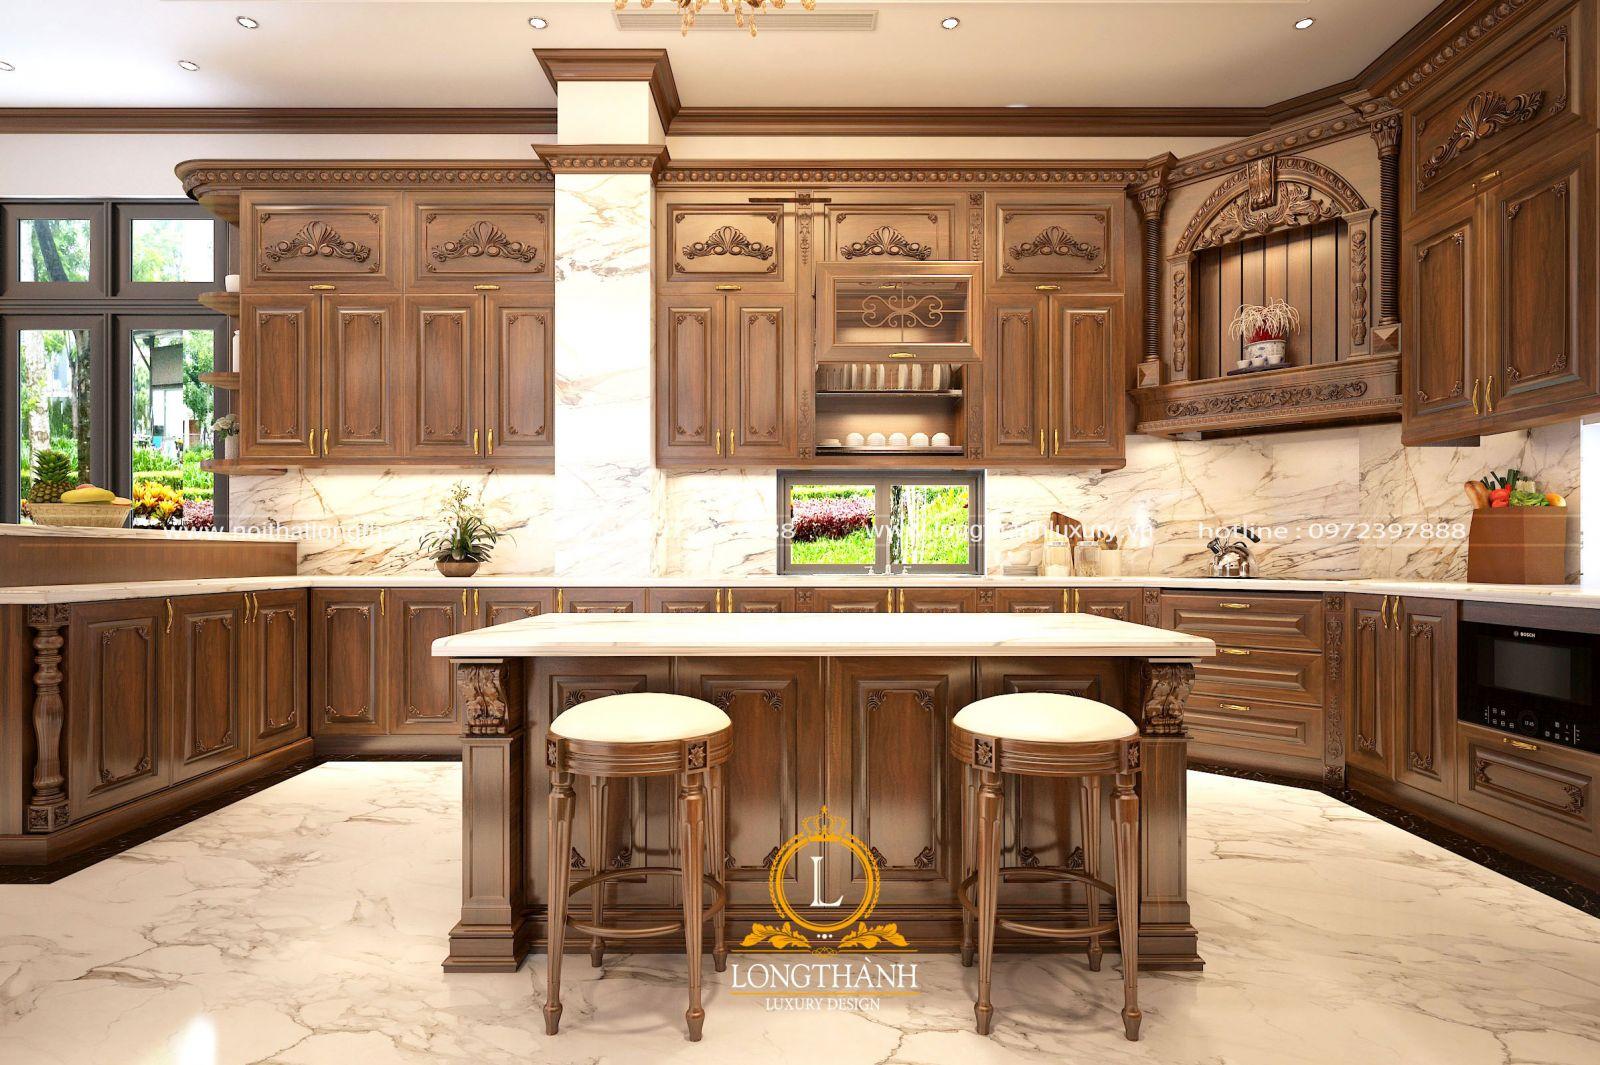 Tủ bếp gỗ Sồi hình chữ U cho nhà biệt thự rộng